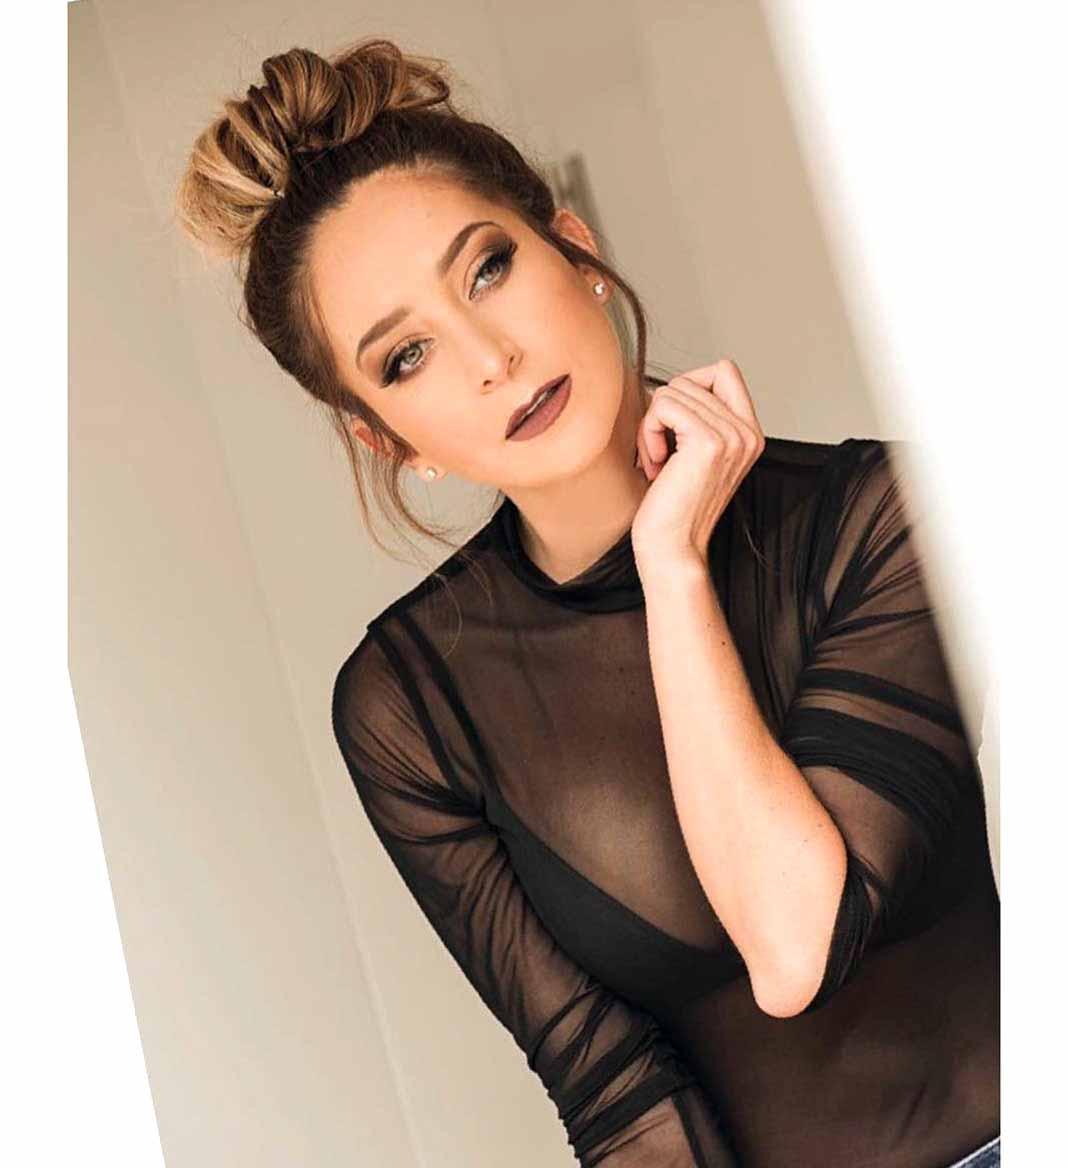 Geraldine anunció hace apenas tres semanas que oficializó su divorcio con Gabriel Soto